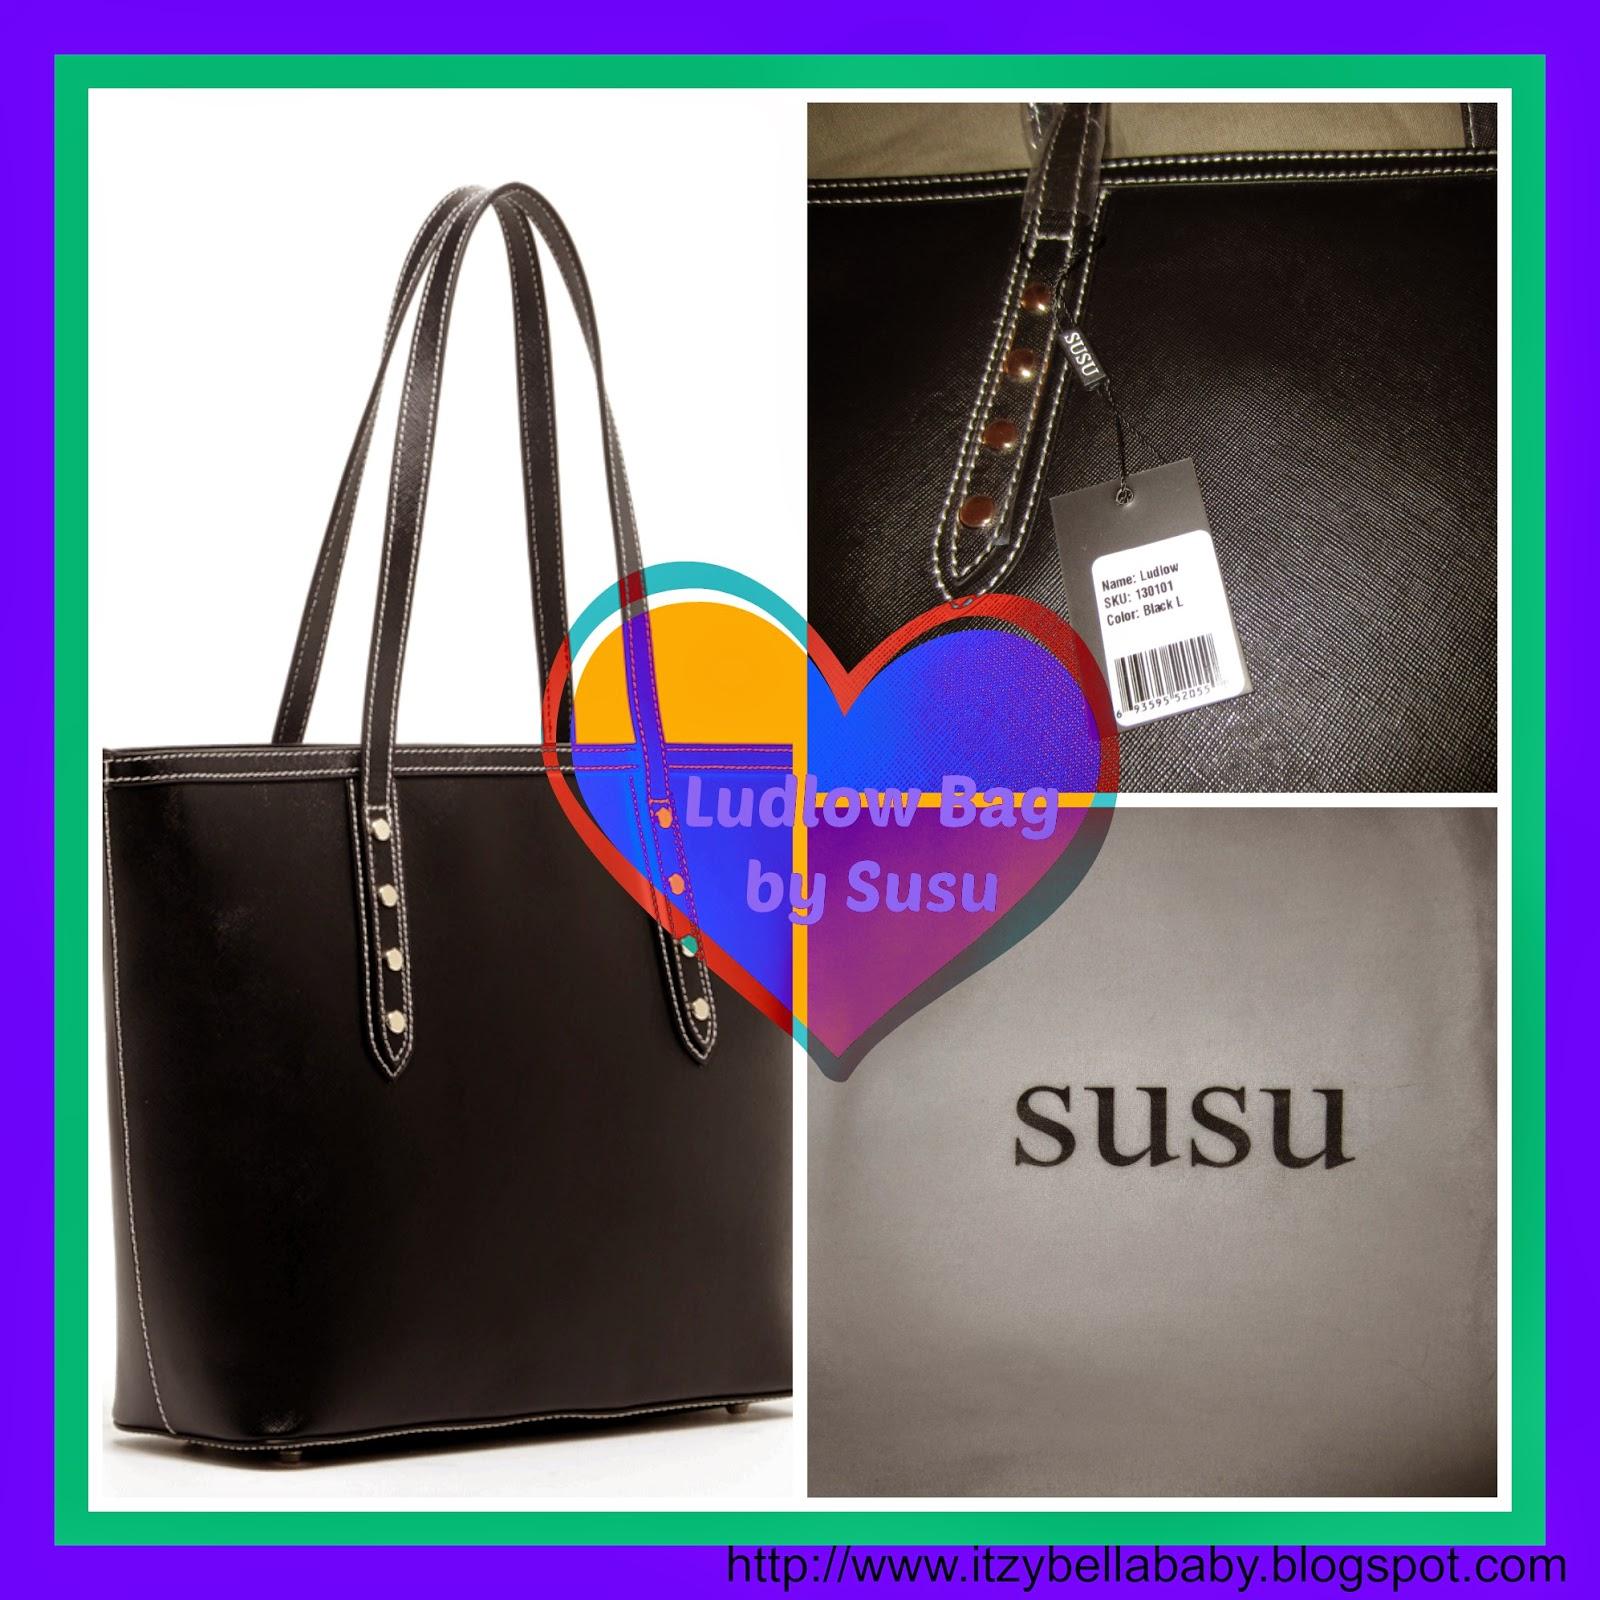 Susu Handbags Review Deals And A Giveaway